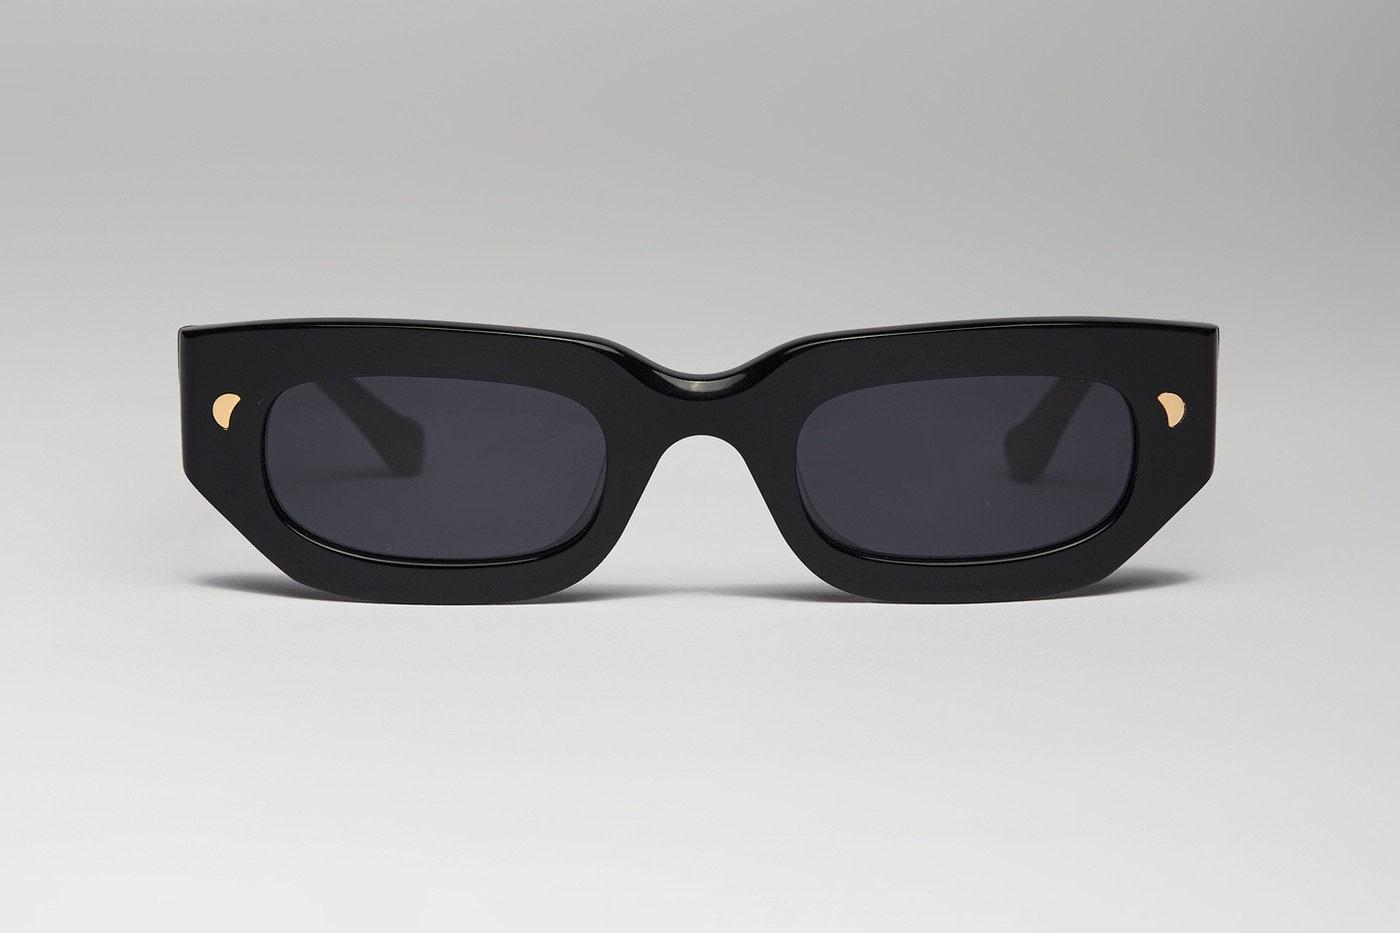 Nanushka выпустят первую коллекцию солнцезащитных очков